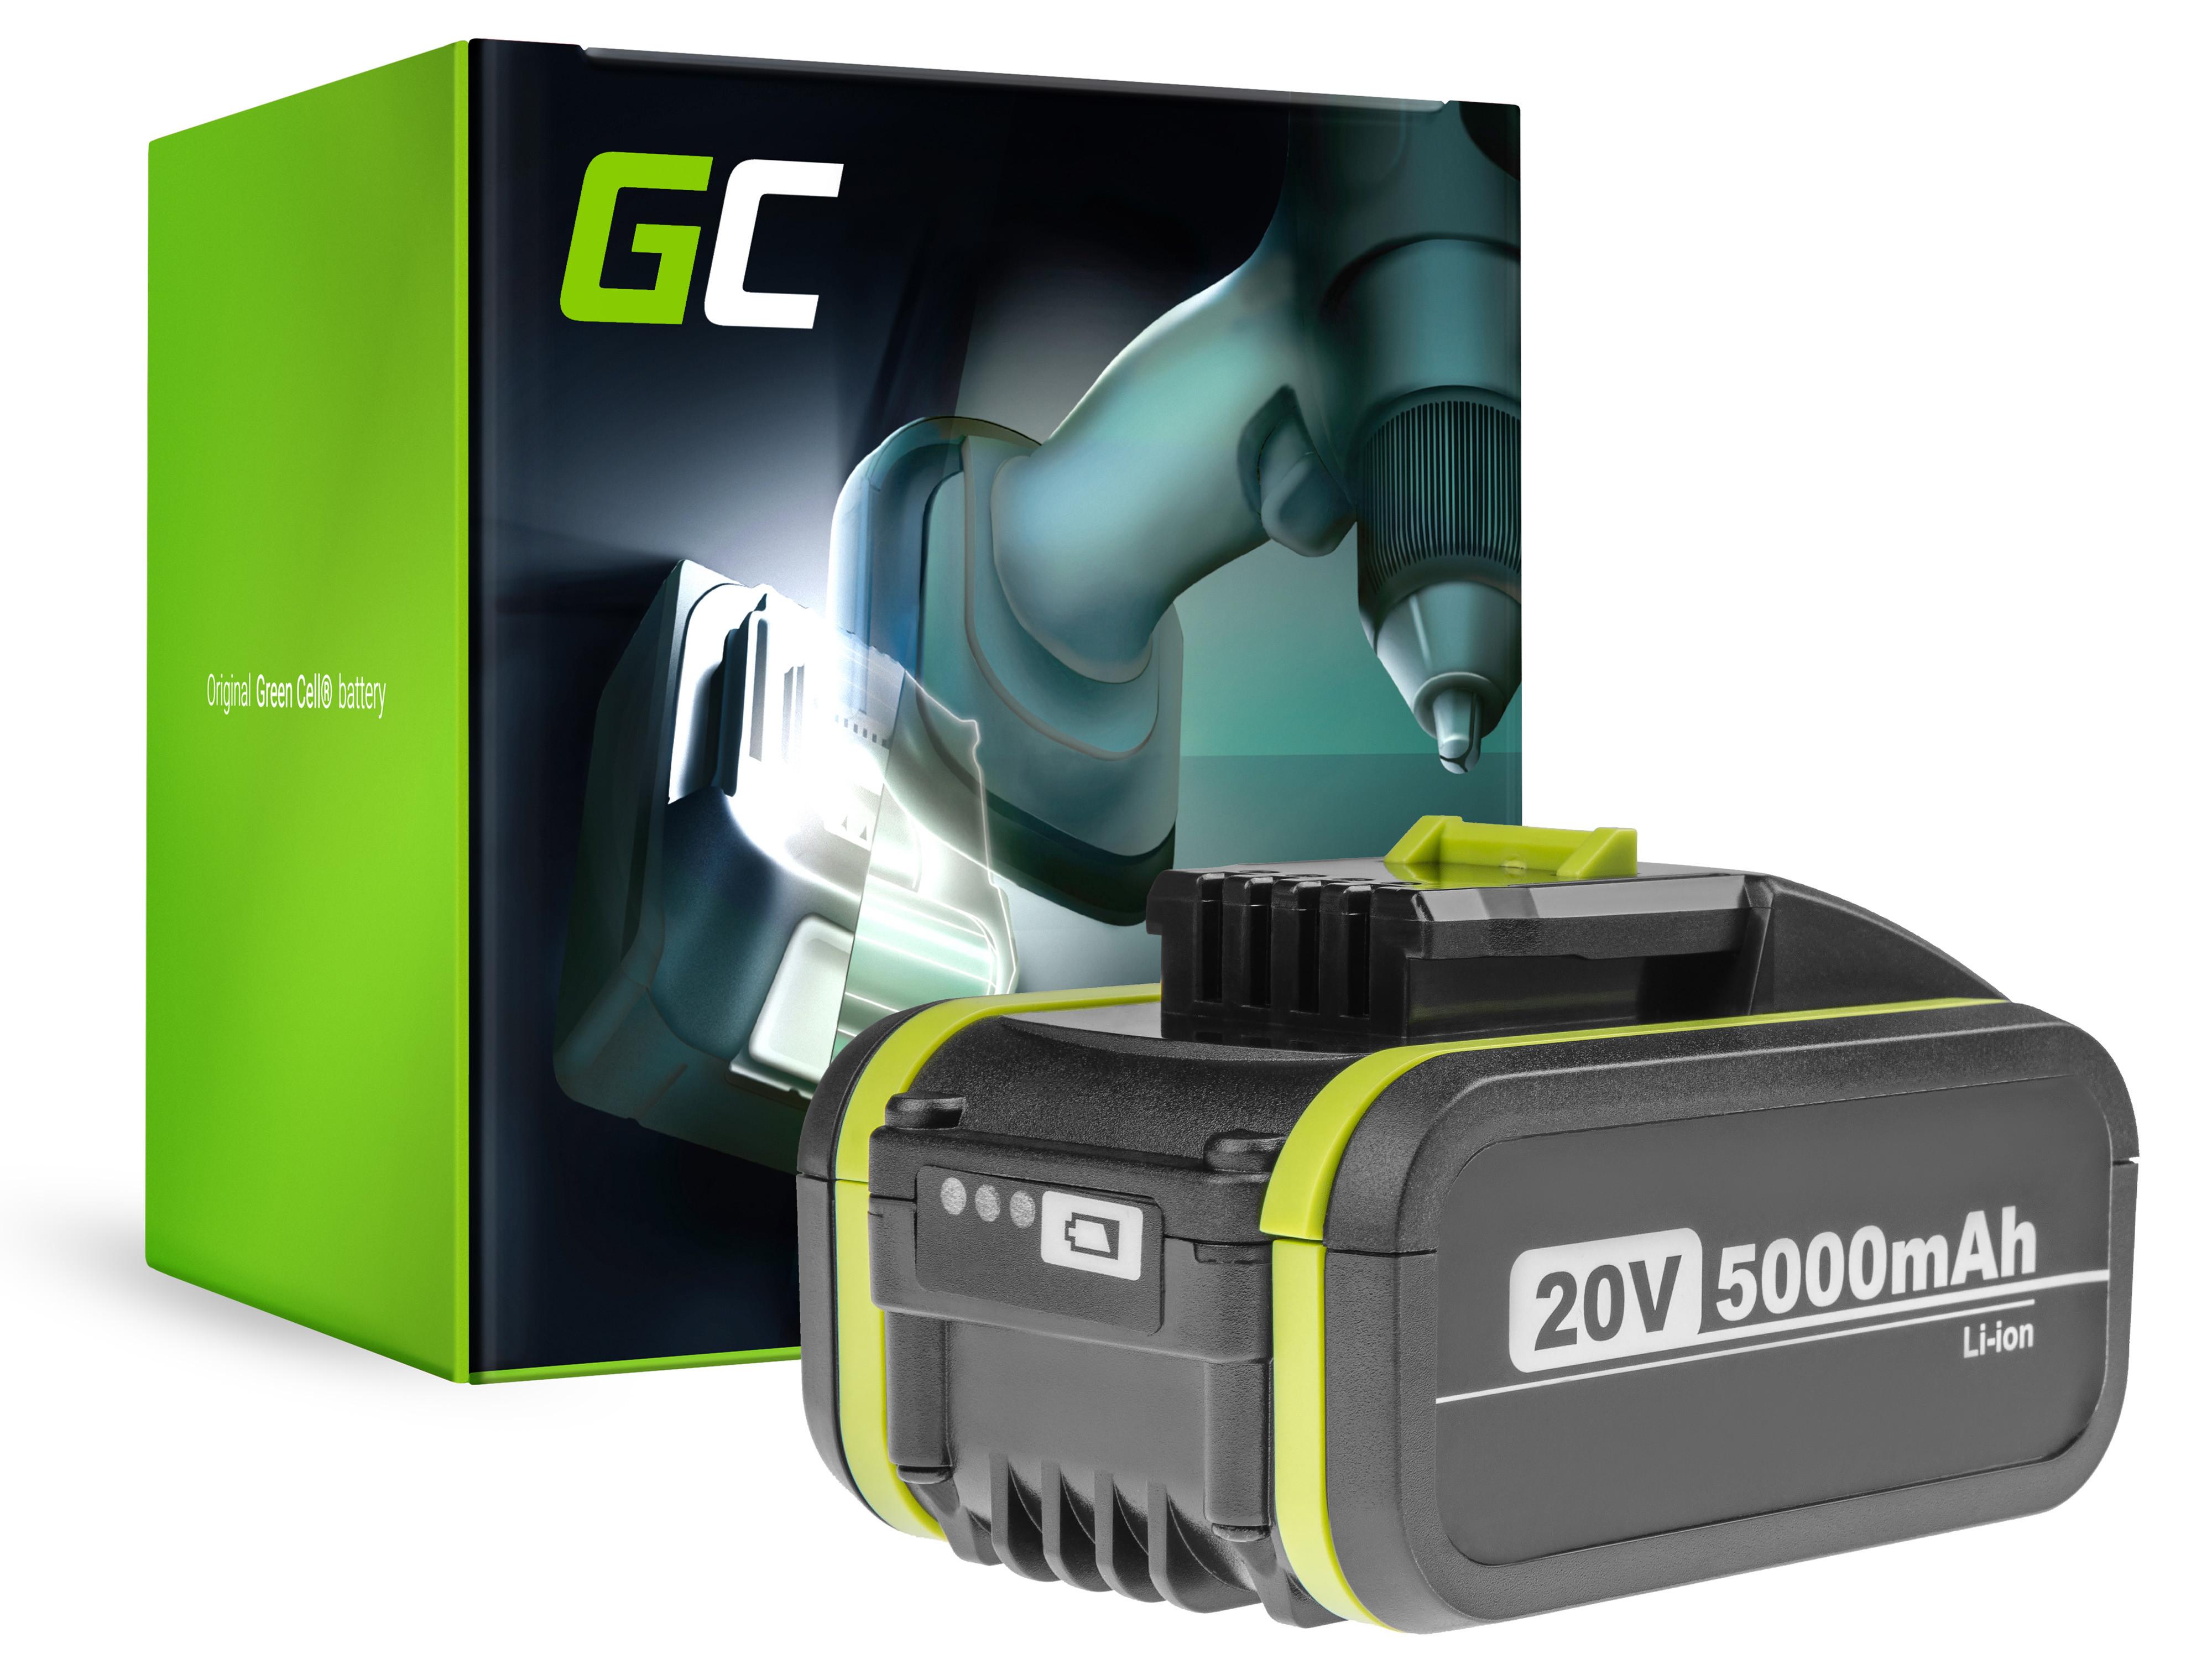 Baterie Green Cell WORX WG160E WG169E WG546E WG549E WG894E WX090 WX166 WX167 WX292 WX372 WX390 20V 5000mAh Li-ion - neoriginální